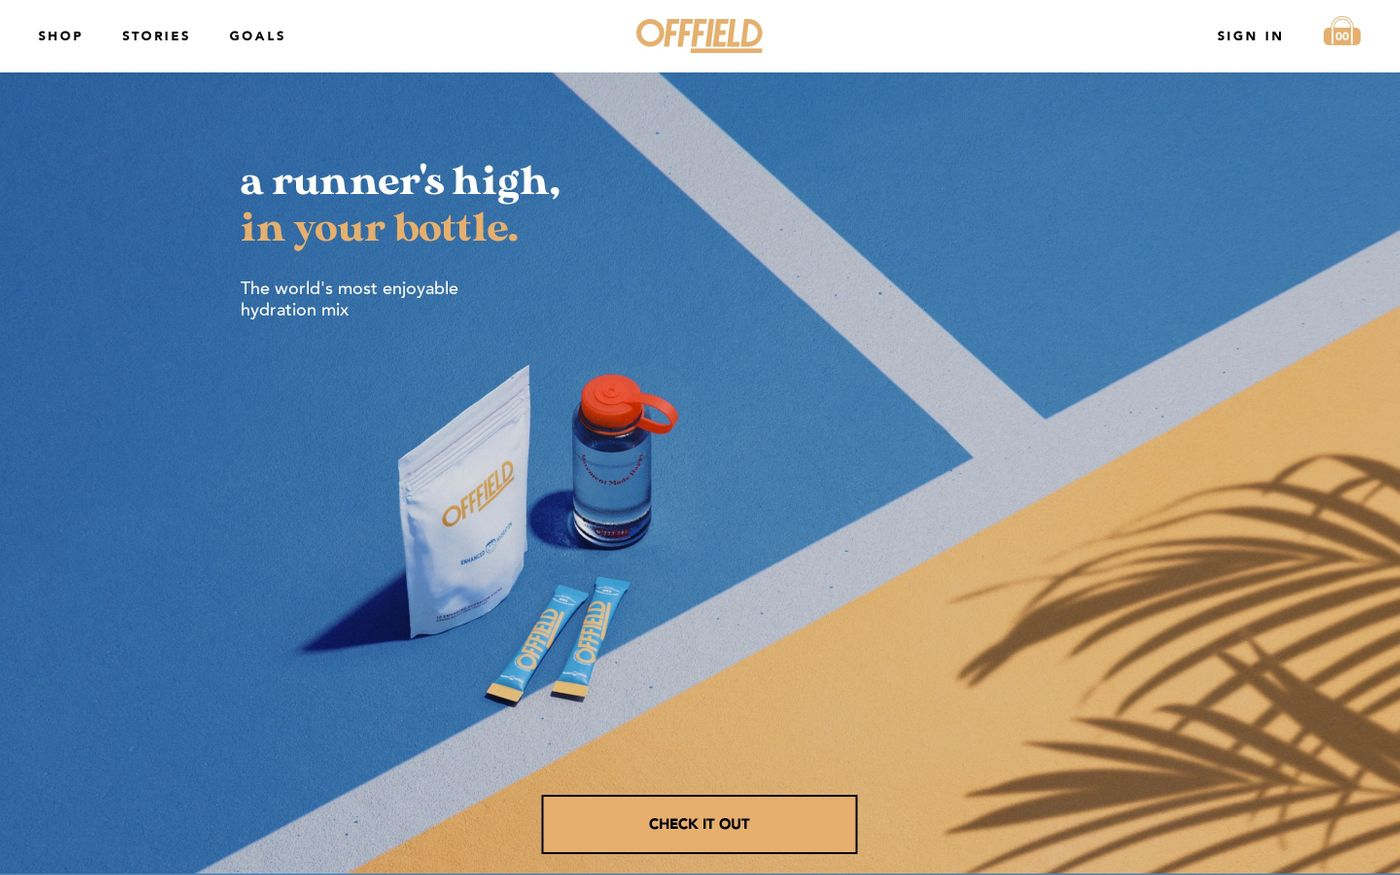 Screenshot of Offfield website